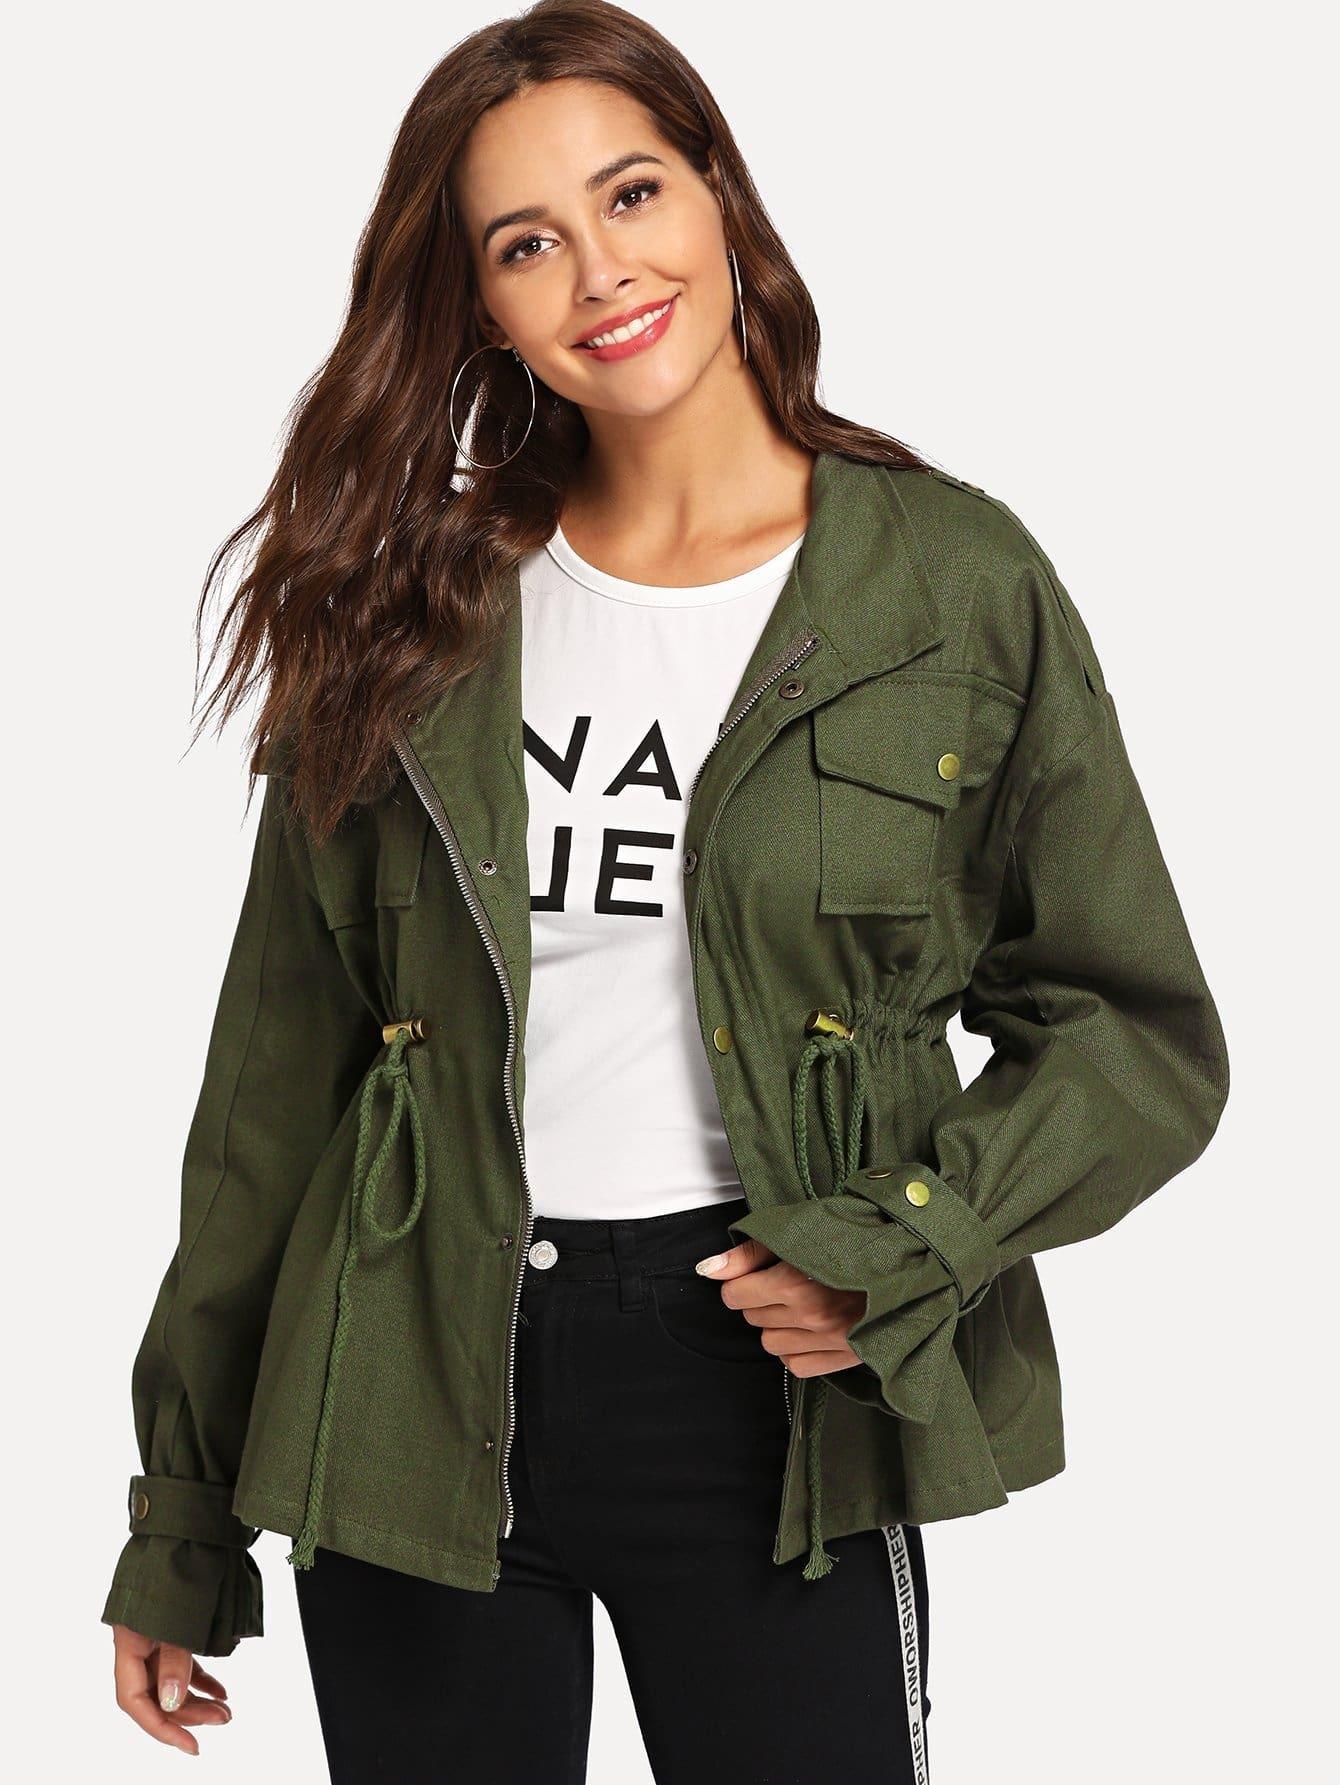 Купить Повседневный стиль Одноцветный с карманами Милитари Цвета хаки Пальто, Giulia, SheIn